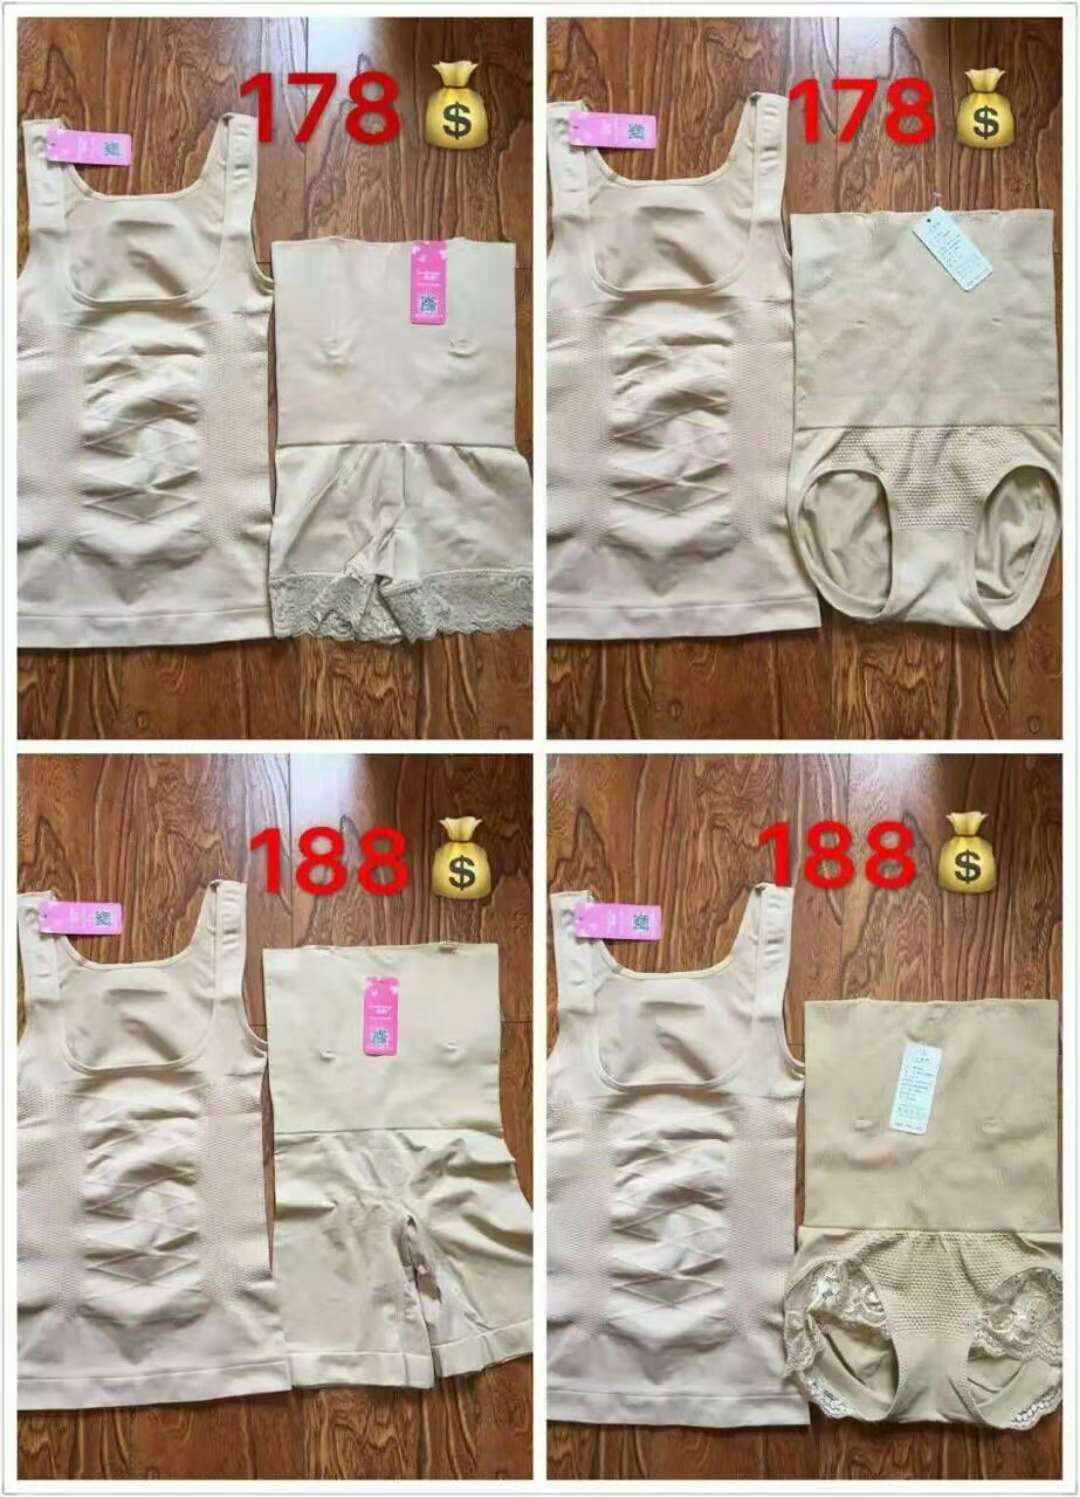 柏尚魅俪瘦身衣全国统一零售价格178和188